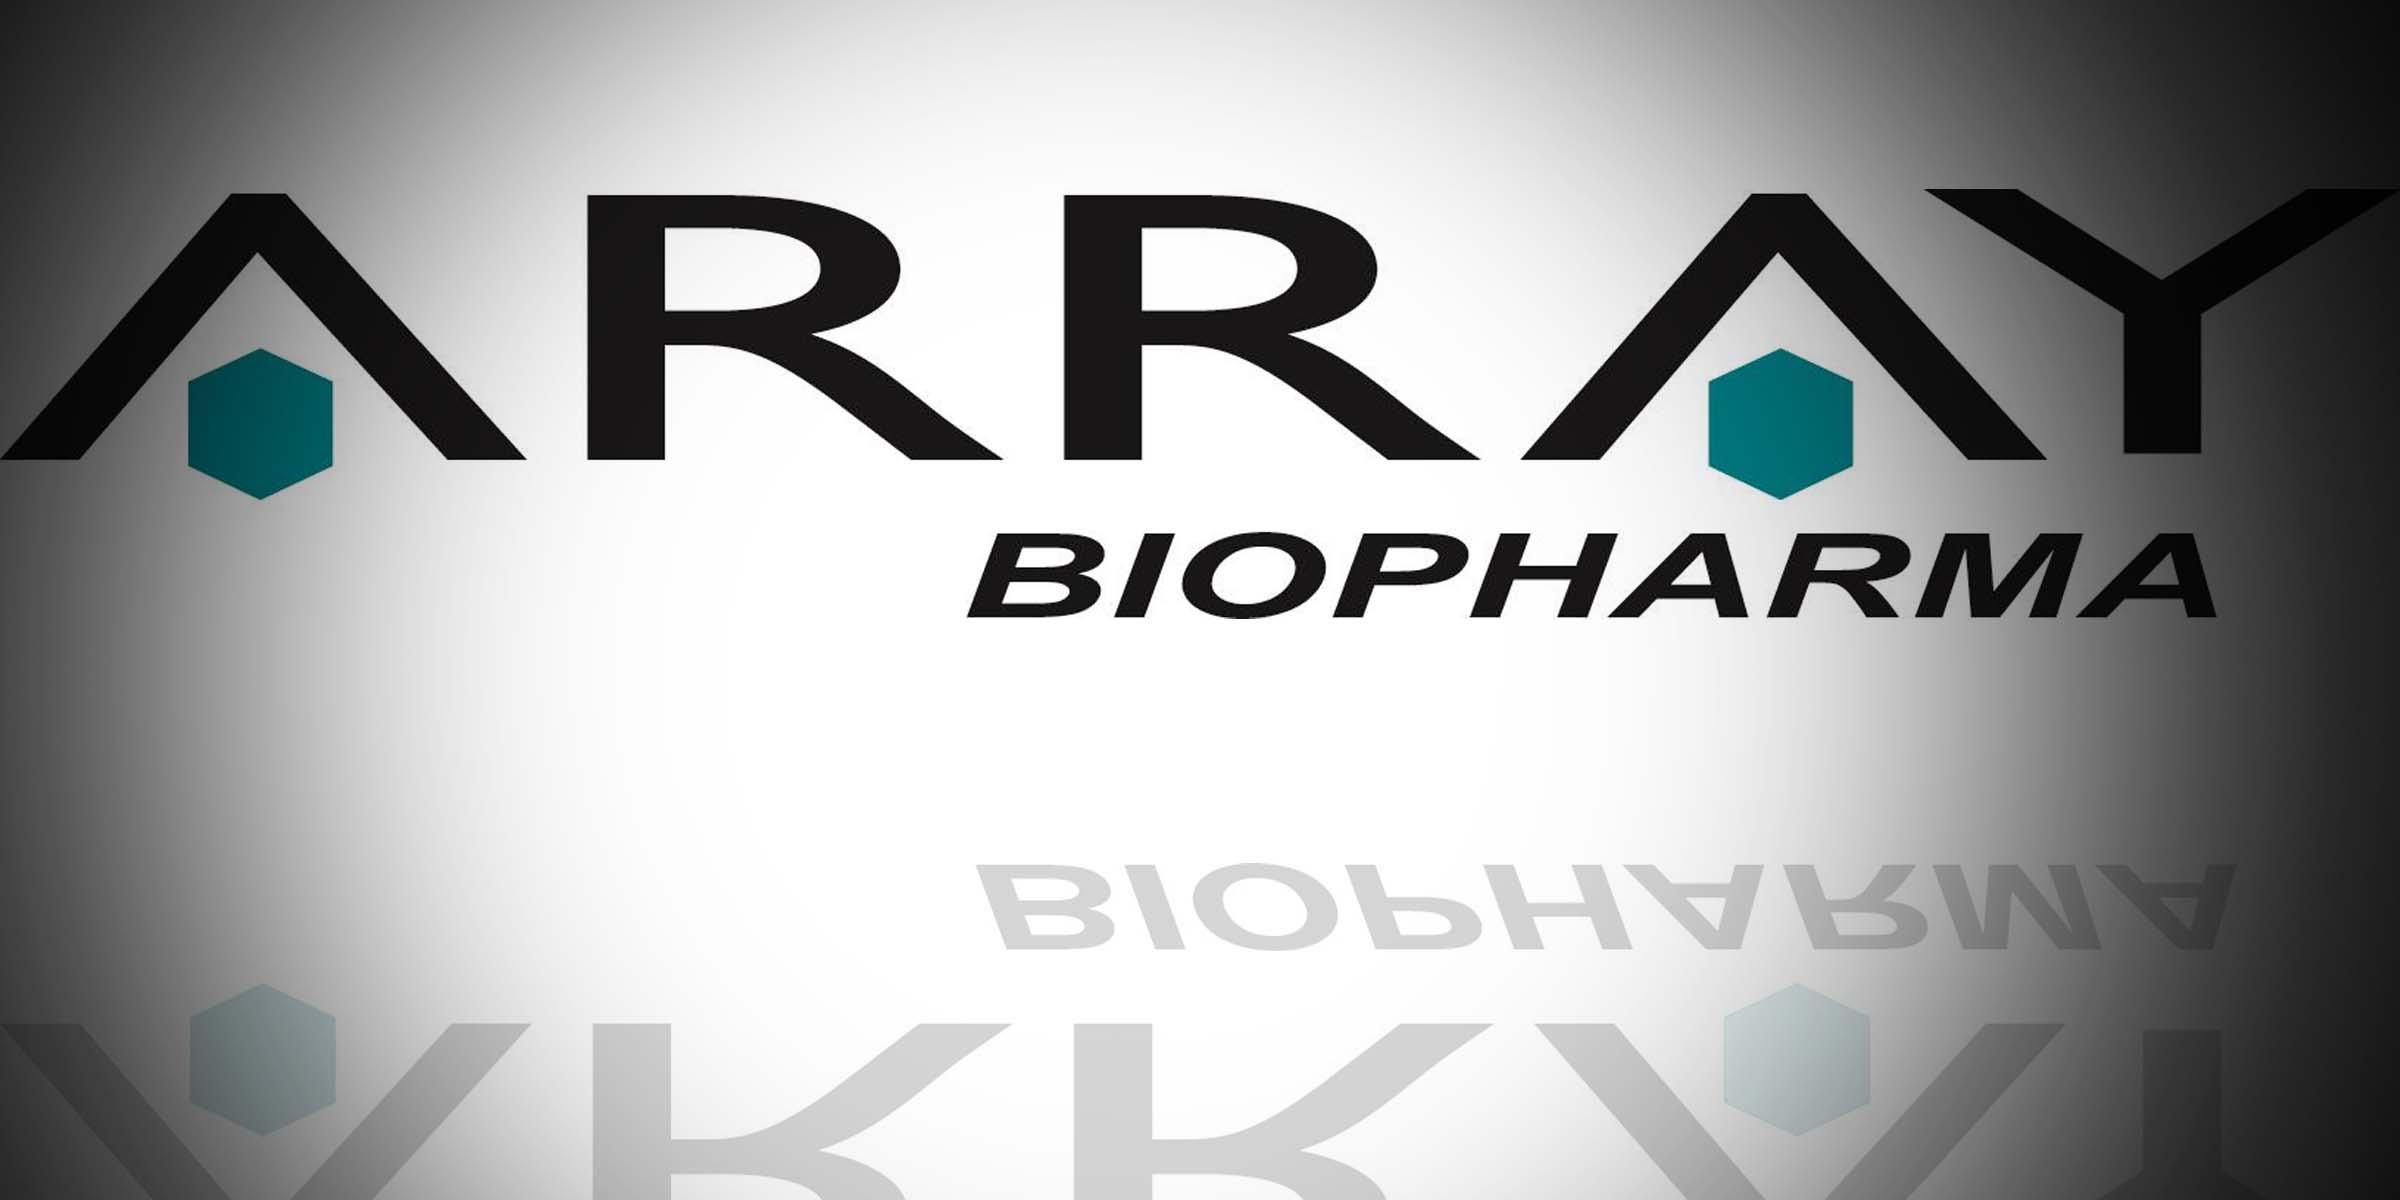 «Эрей байофарма» (Array BioPharma).